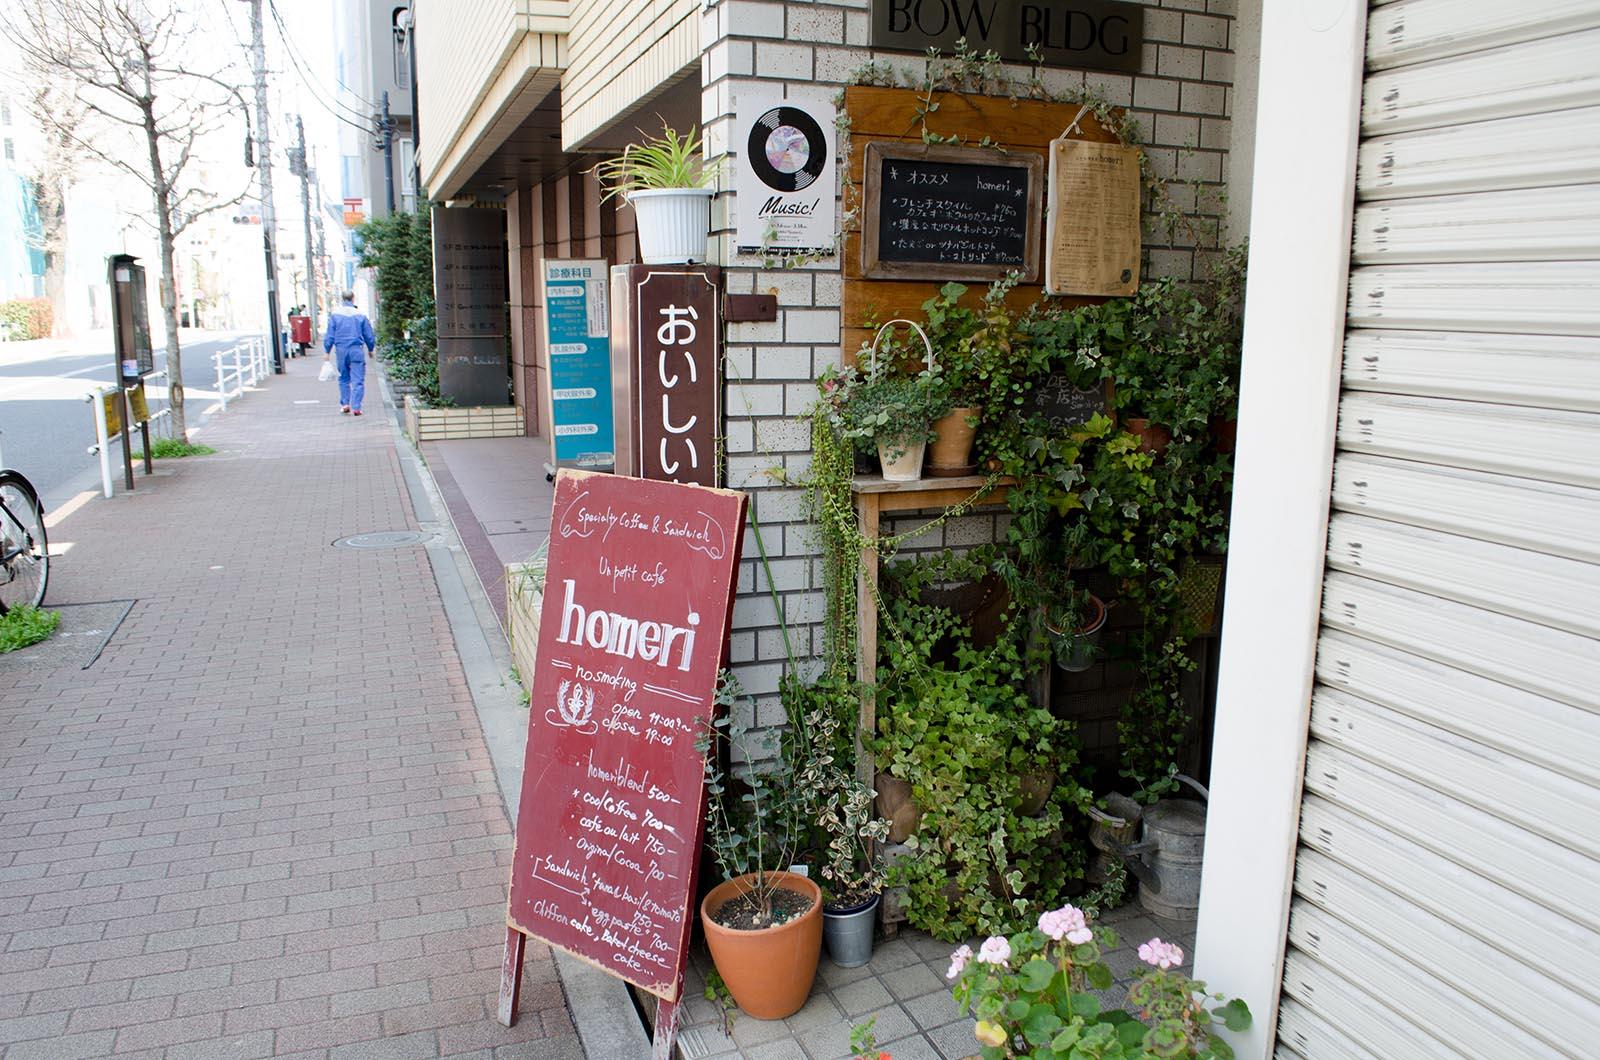 四谷三丁目でスペシャリティーコーヒー「小さな喫茶店homeri」